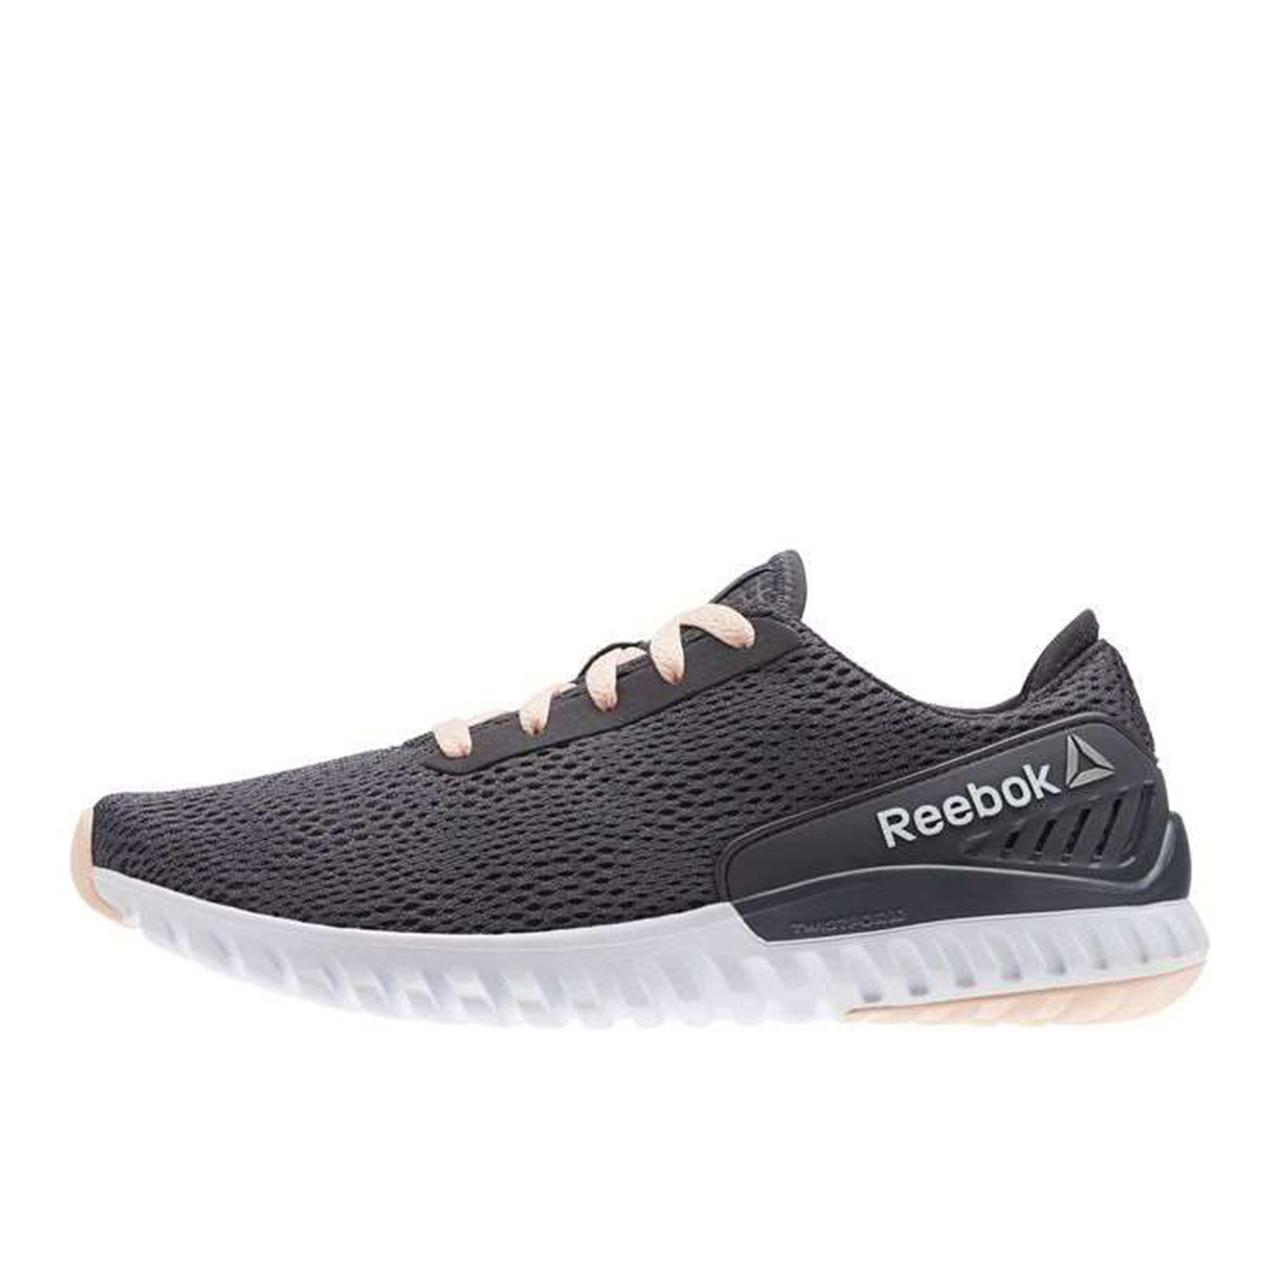 خرید کفش مخصوص دویدن زنانه ریباک مدل Twistform 3.0 کد BS9557